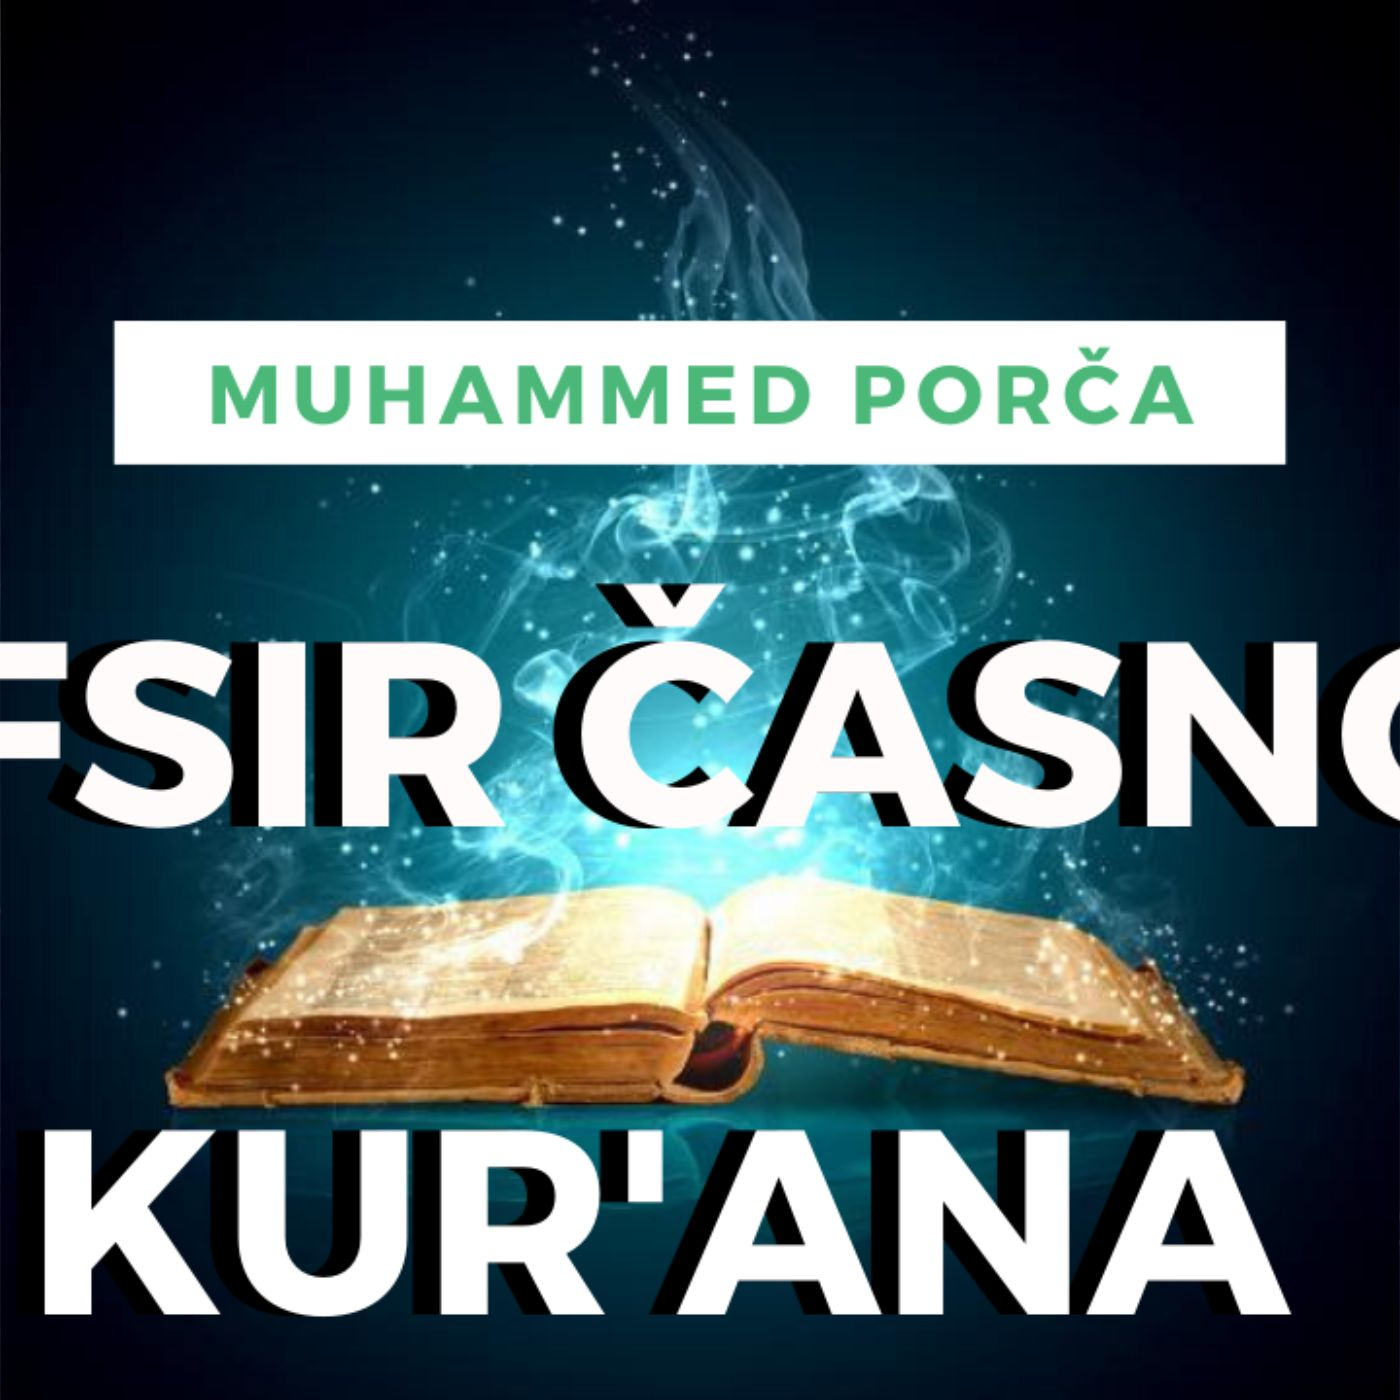 S1E47 - Tefsir sura El-Kafirun & En-Nasr & El-Leheb & El-Ihlas & El-Felek & En-Nas - Hfz. Muhammed Porča